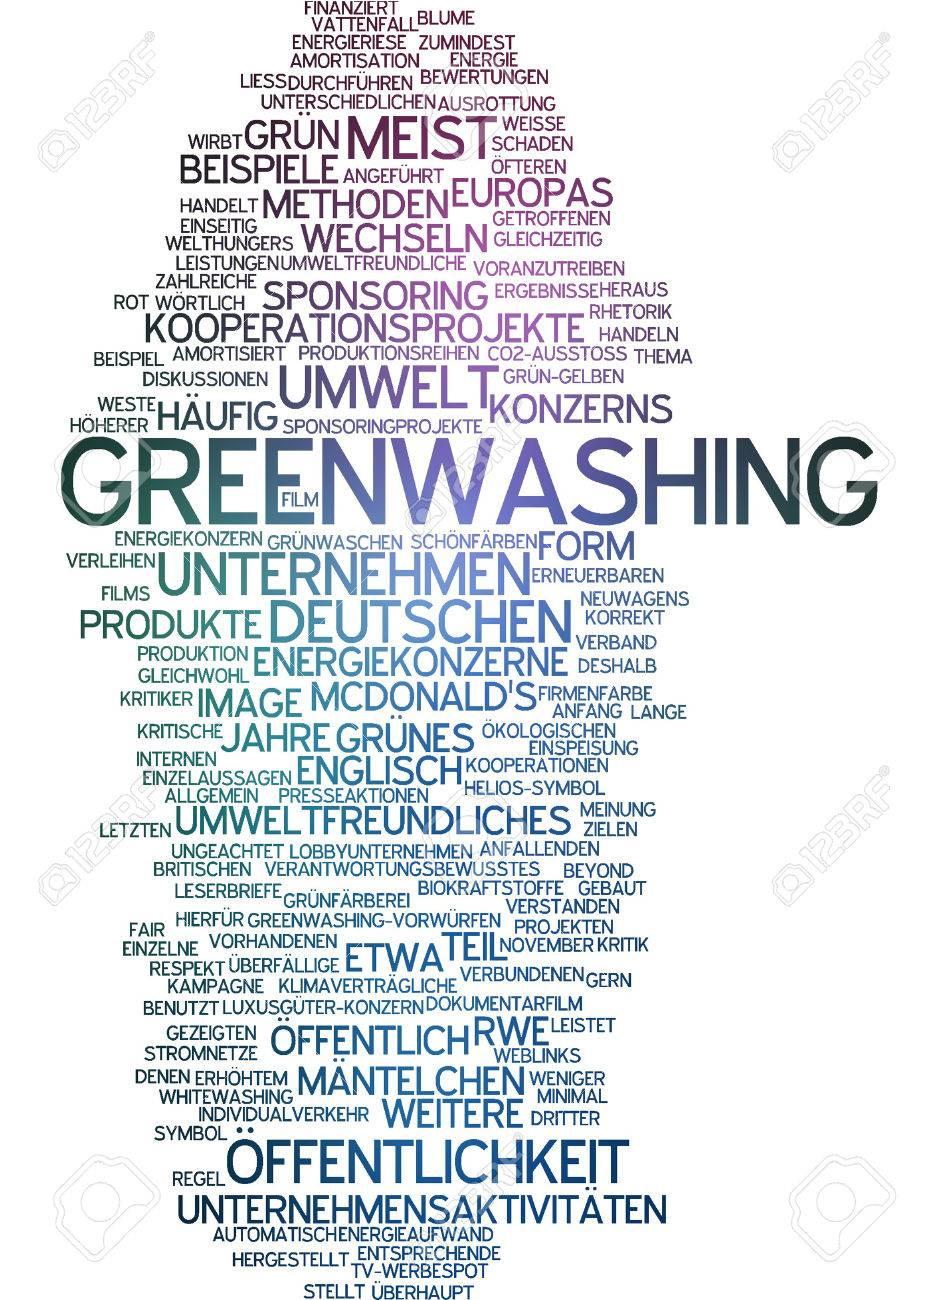 10 Greenwashing Beispiele Falsche Fairsprechen 6